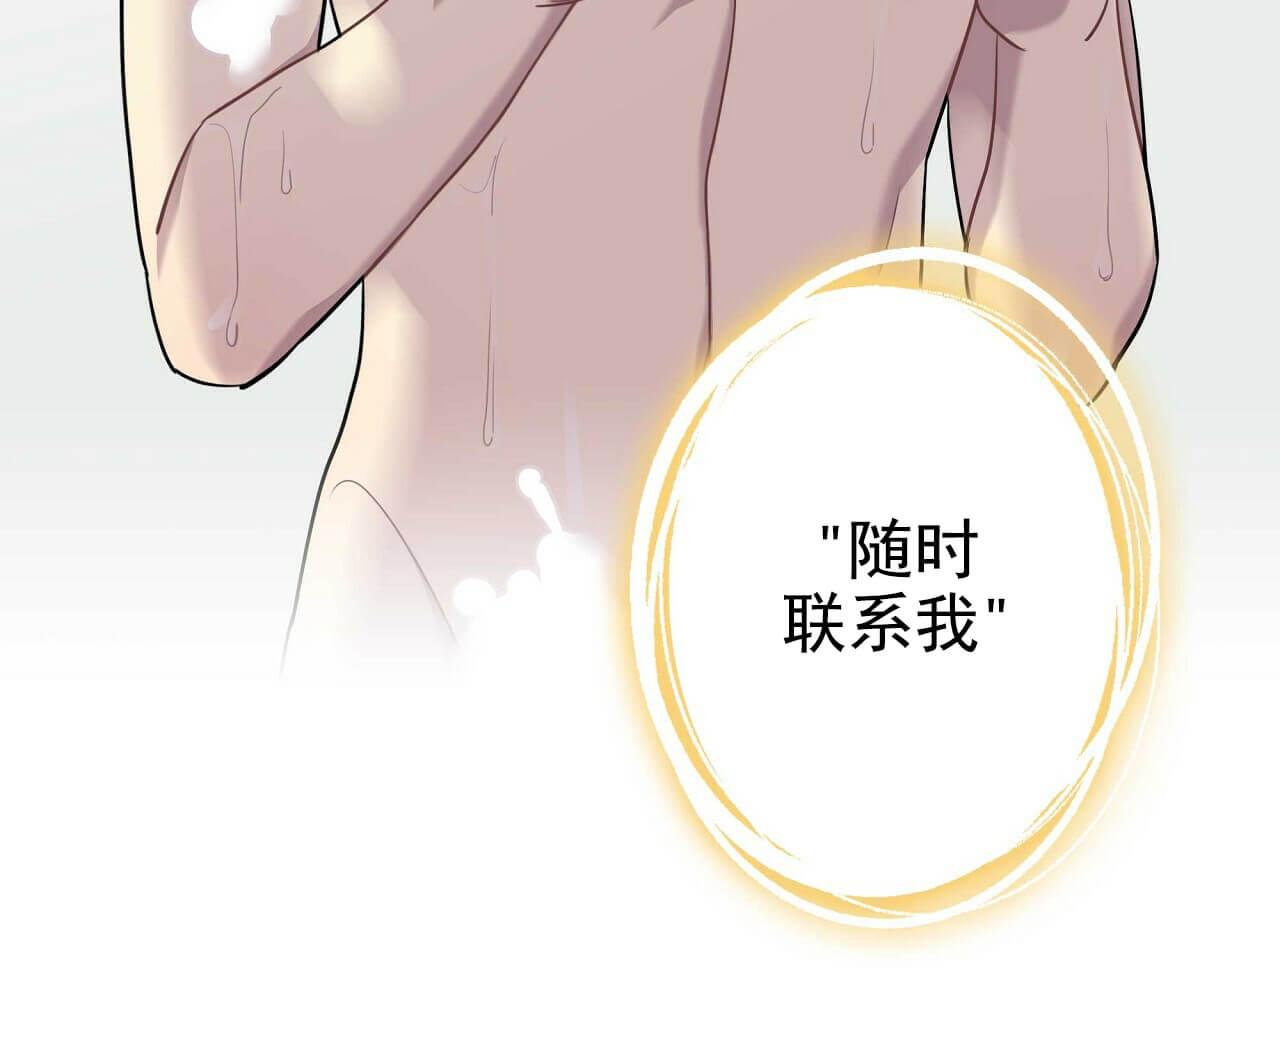 韩漫 |《恋爱杀虫剂》一场由杀虫剂开启的恋爱罗曼史~  第31张